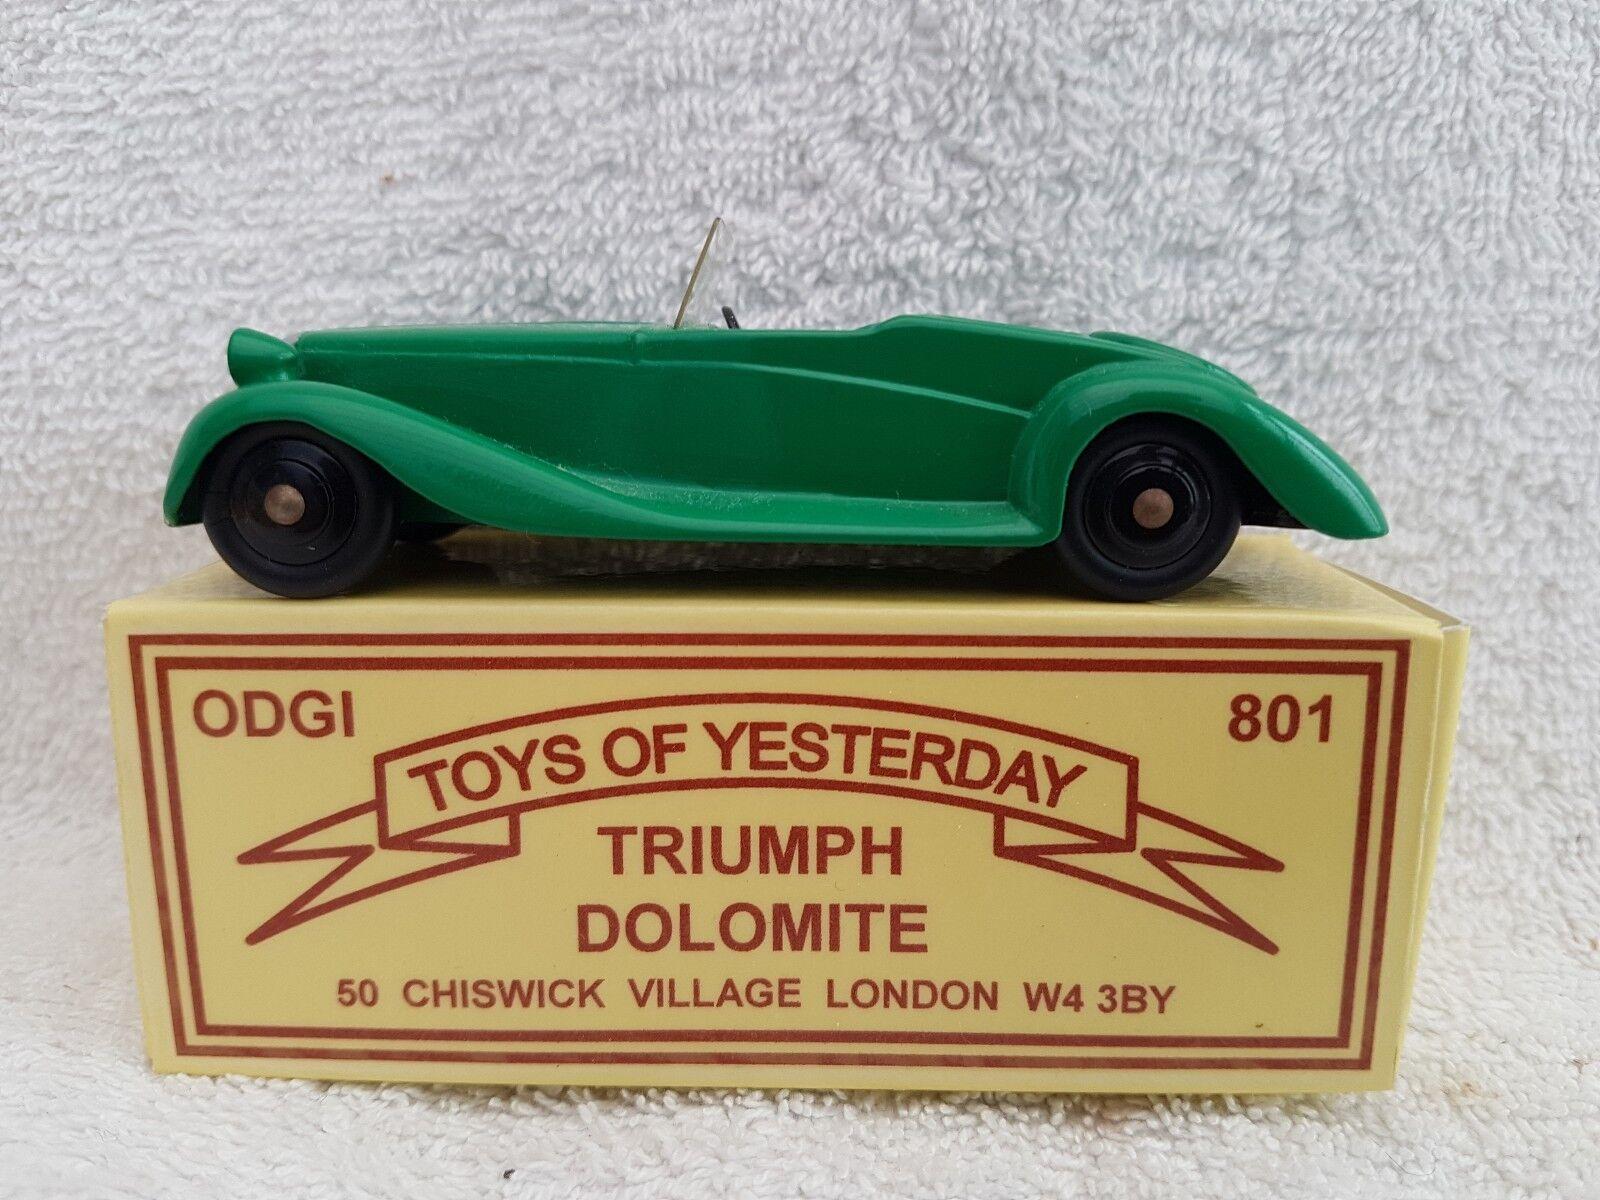 Odgi juguetes de antaño 801 Triumph Dolomite en verde